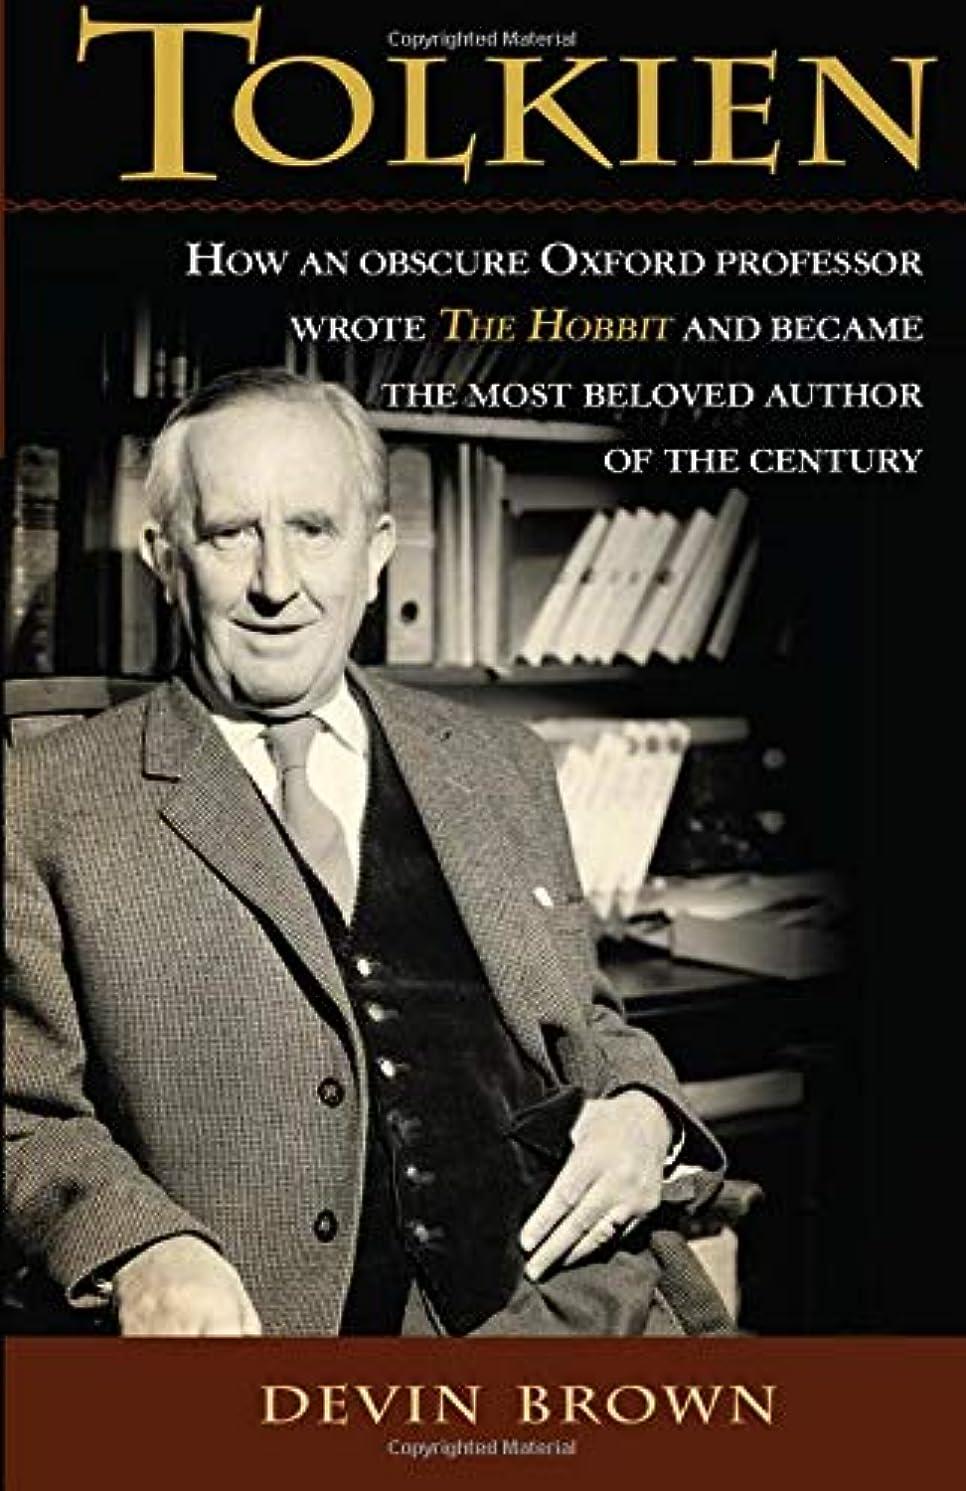 メタンスピンバルーンTolkien: How an Obscure Oxford Professor Wrote The Hobbit and Became the Most Beloved Author of the Century